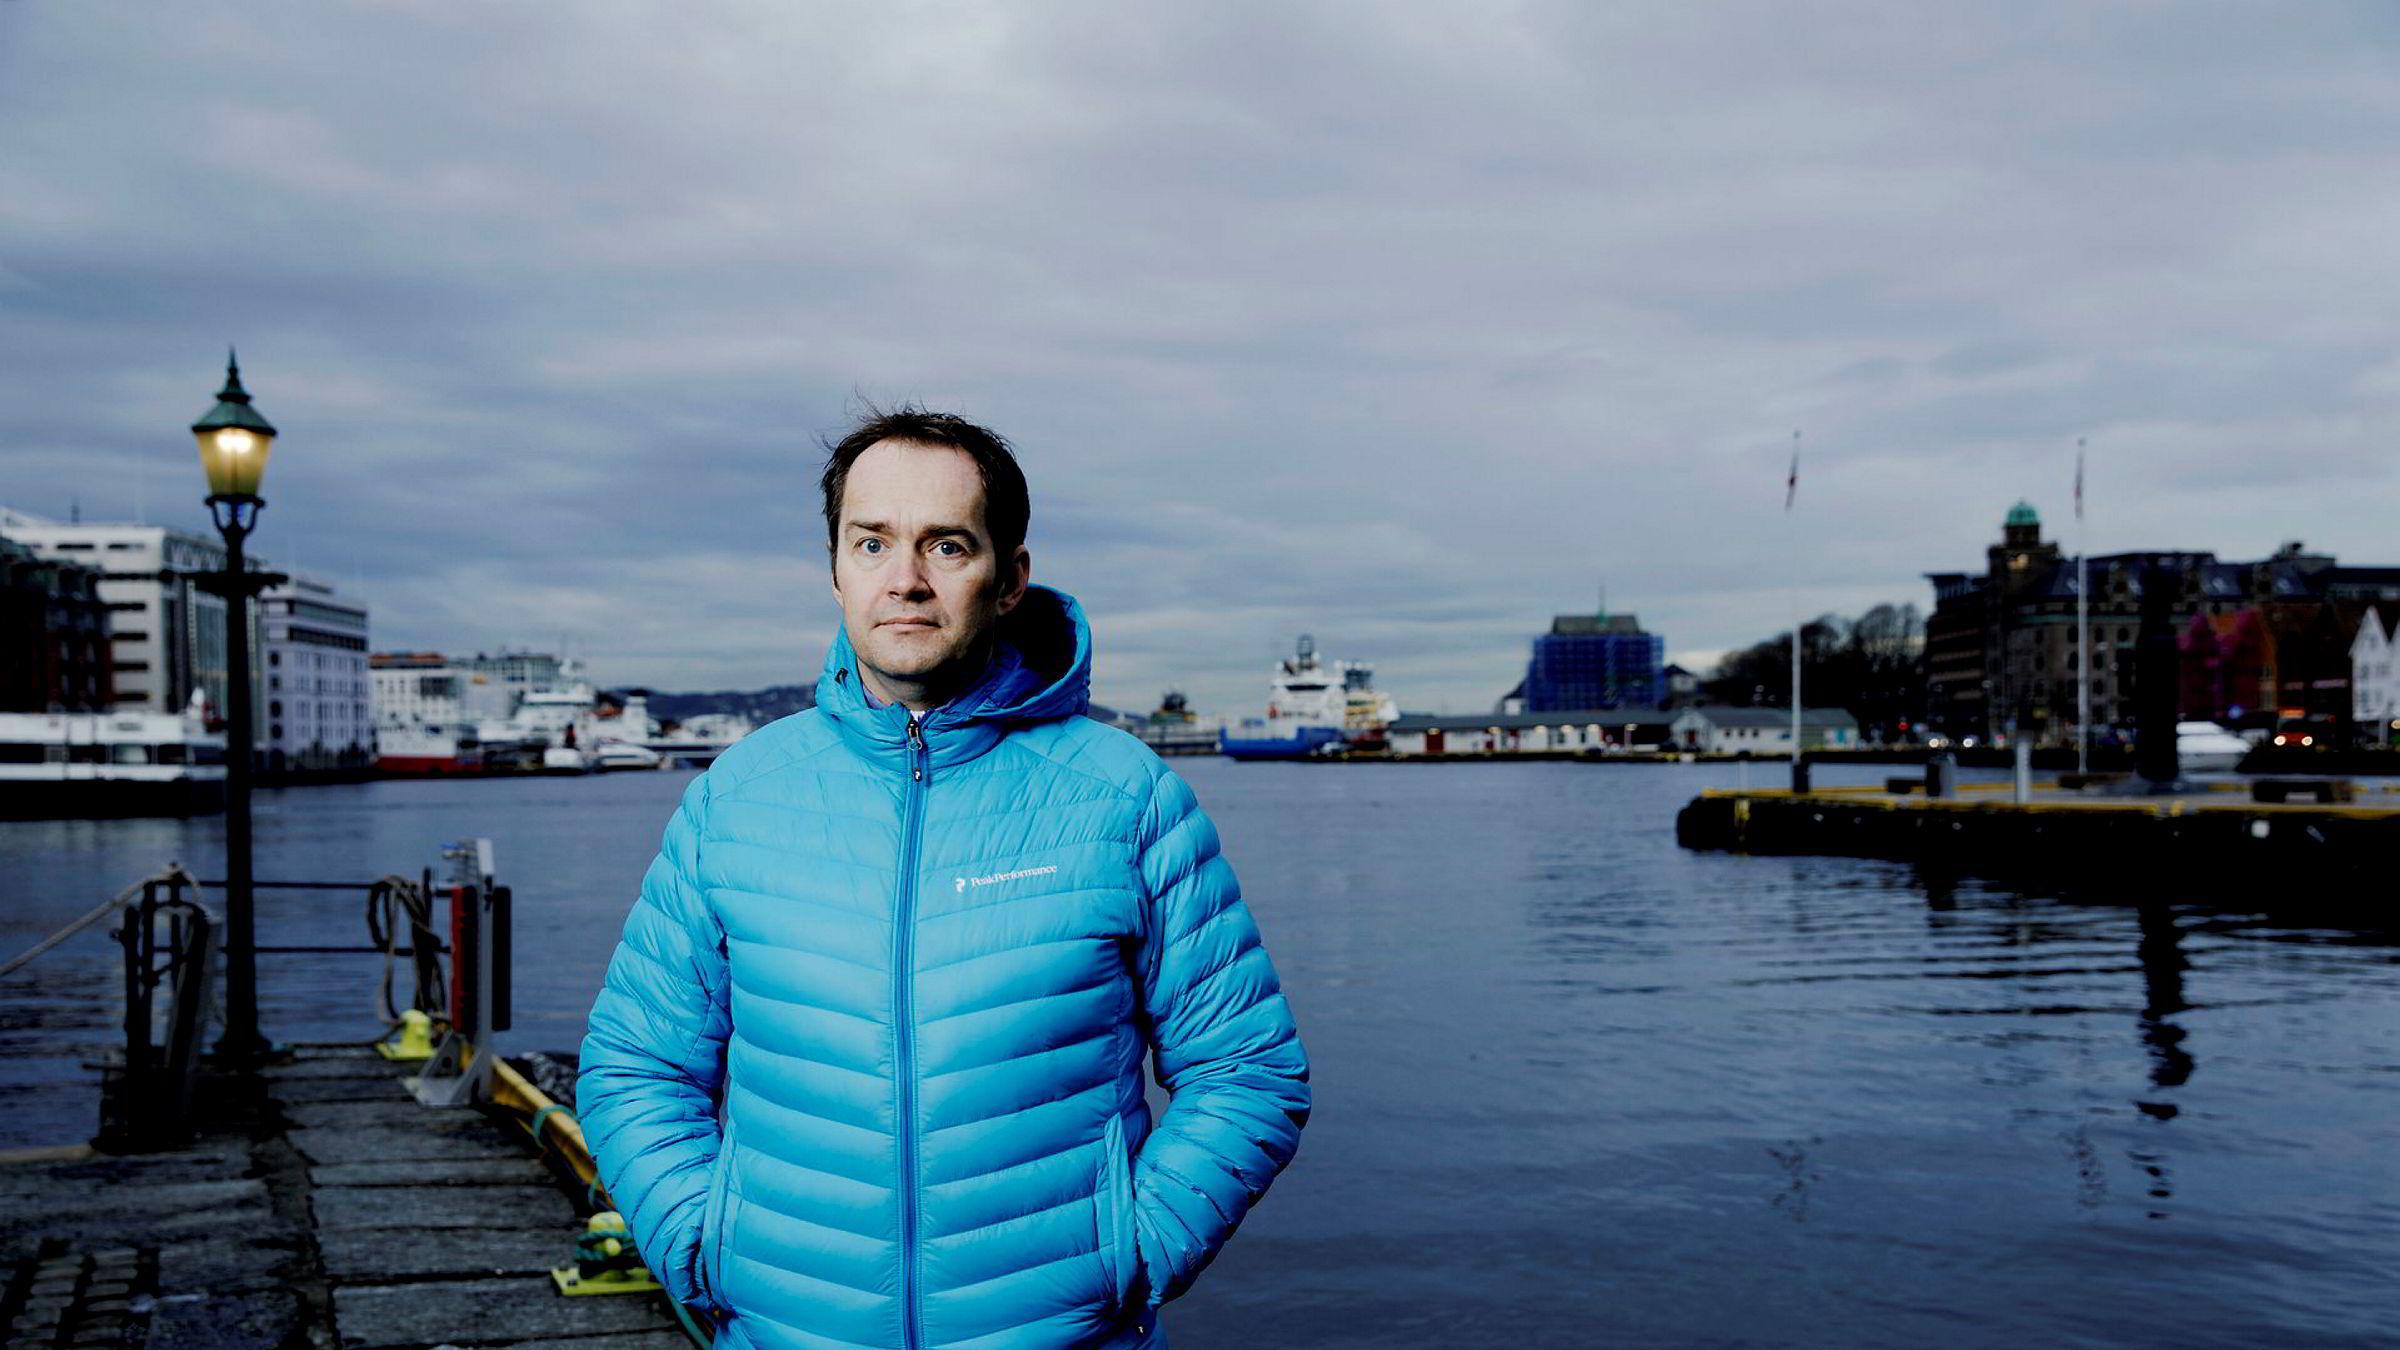 Kjetil Myrlid Aasen er sjakkentusiast og har en mastergrad i statistikk. Etter å ha tjent store penger på helseteknologi og gambling satser han nå 20 millioner kroner på sjakk-appen til Magnus Carlsen.